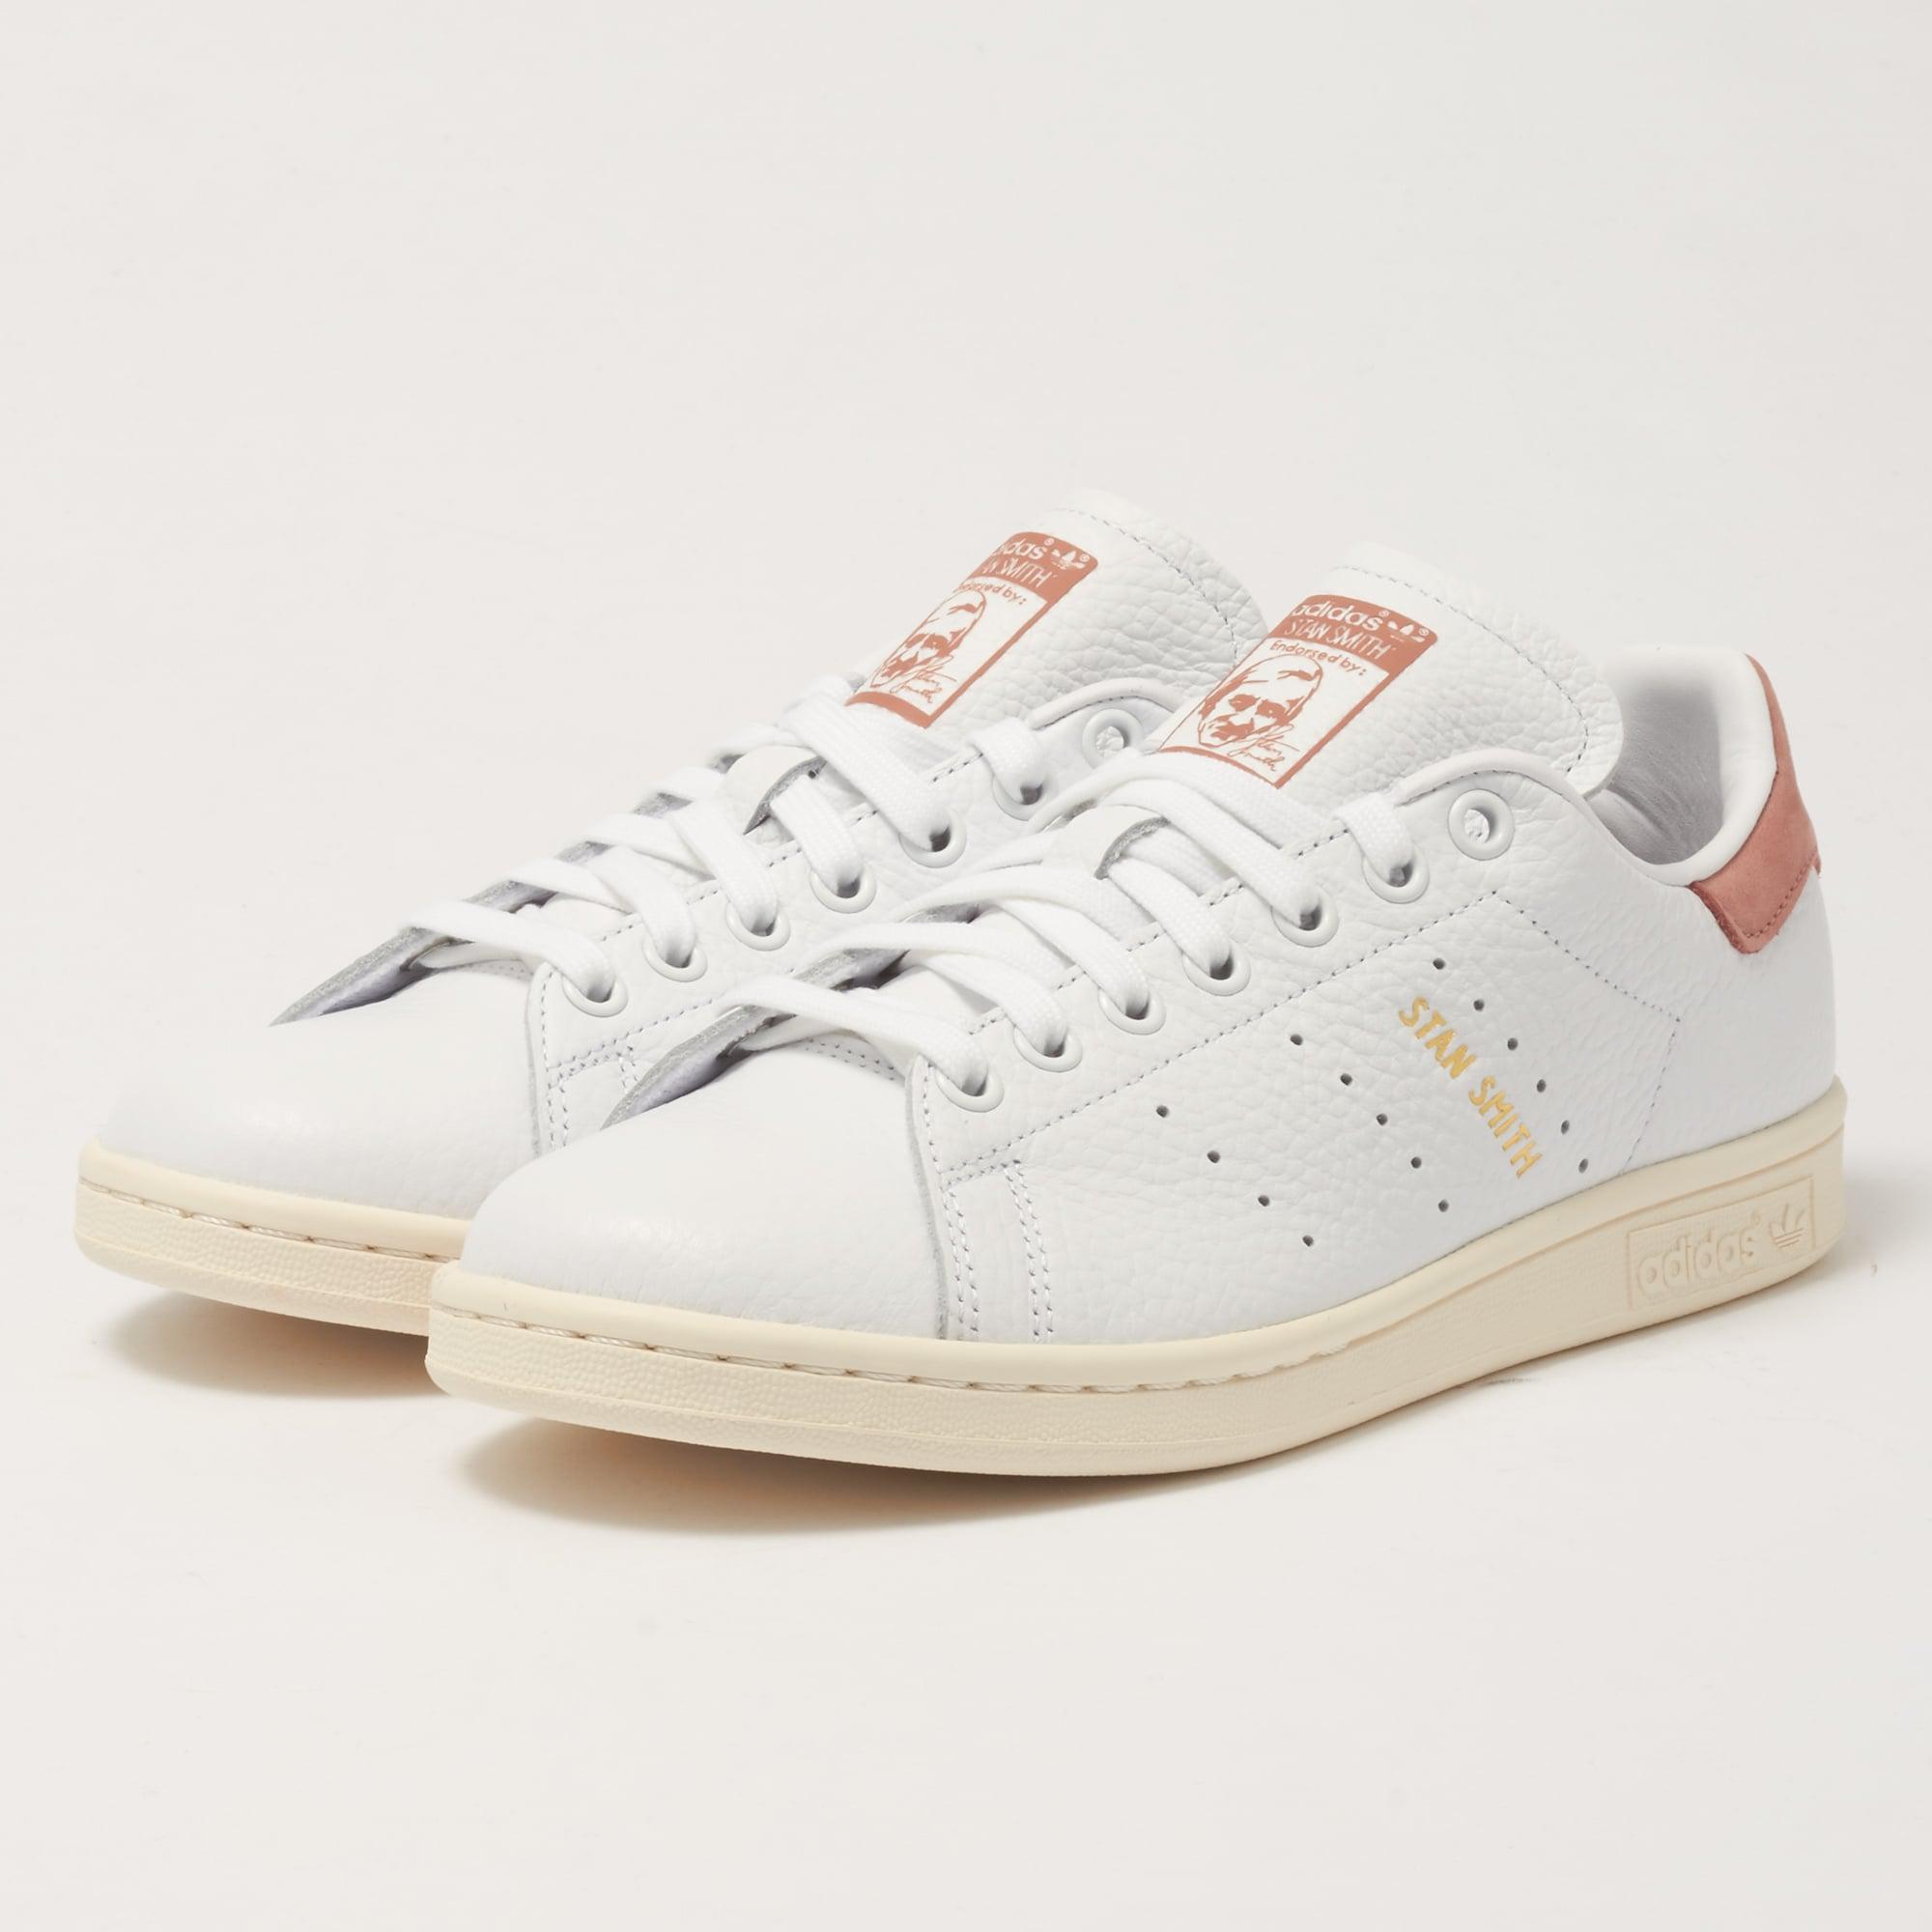 best service 45849 70019 Adidas Originals Stan Smith - White & Raw Pink